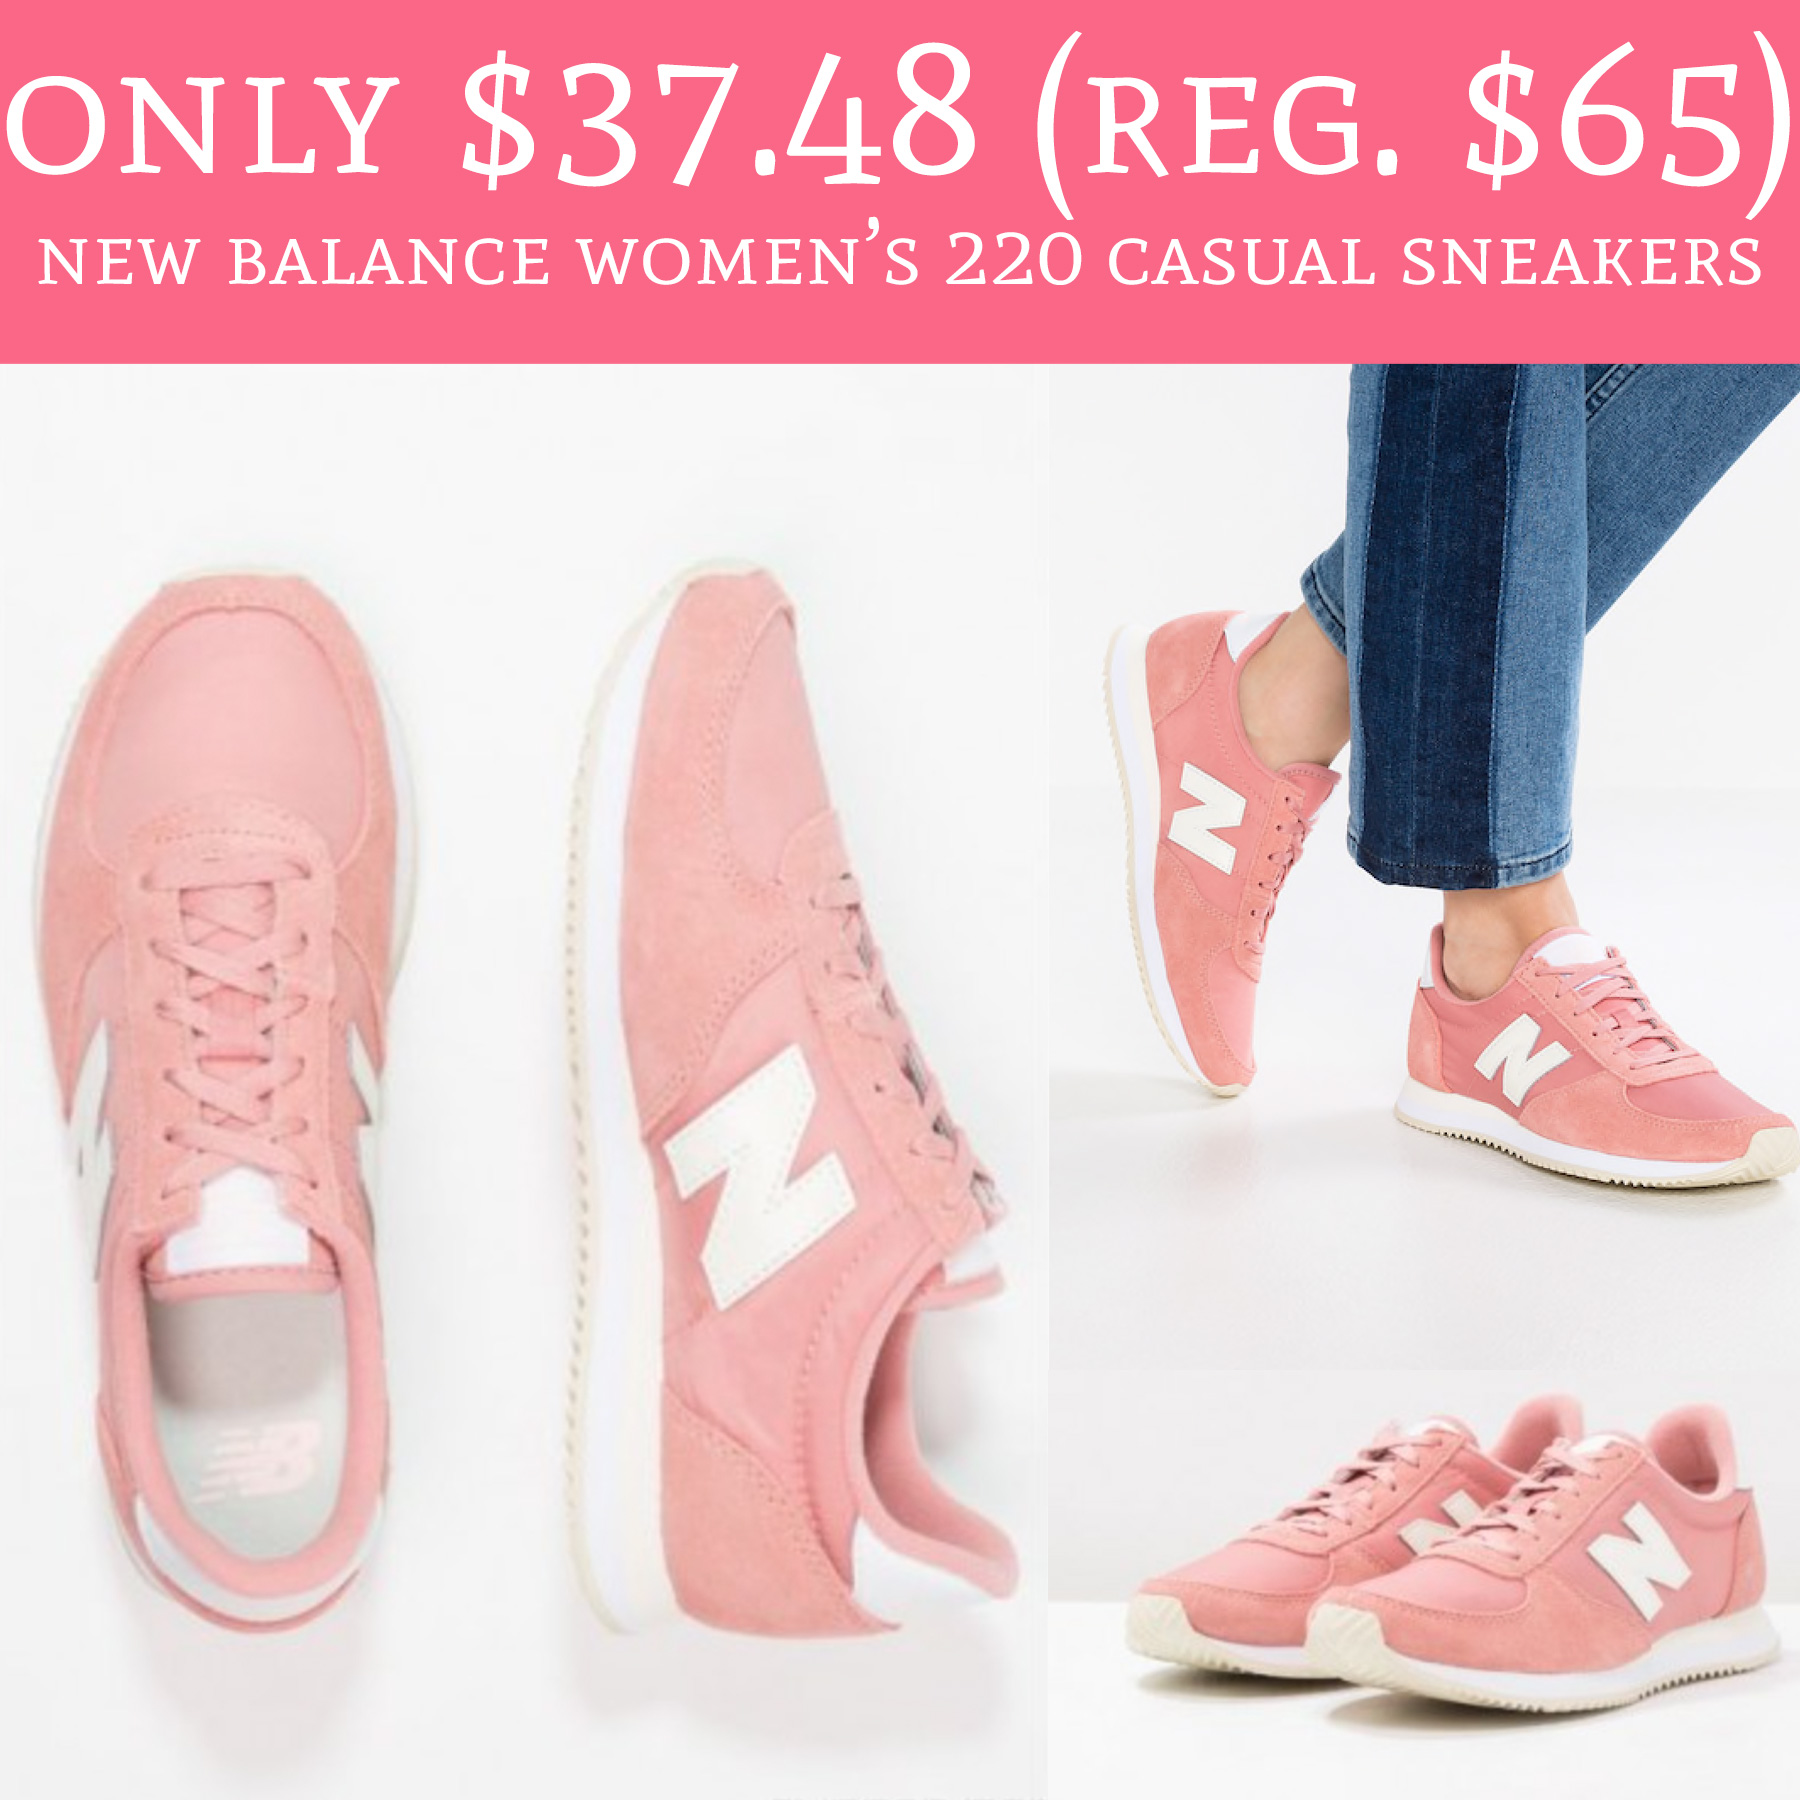 Only $37.48 (Regular $65) New Balance Women's 220 Casual